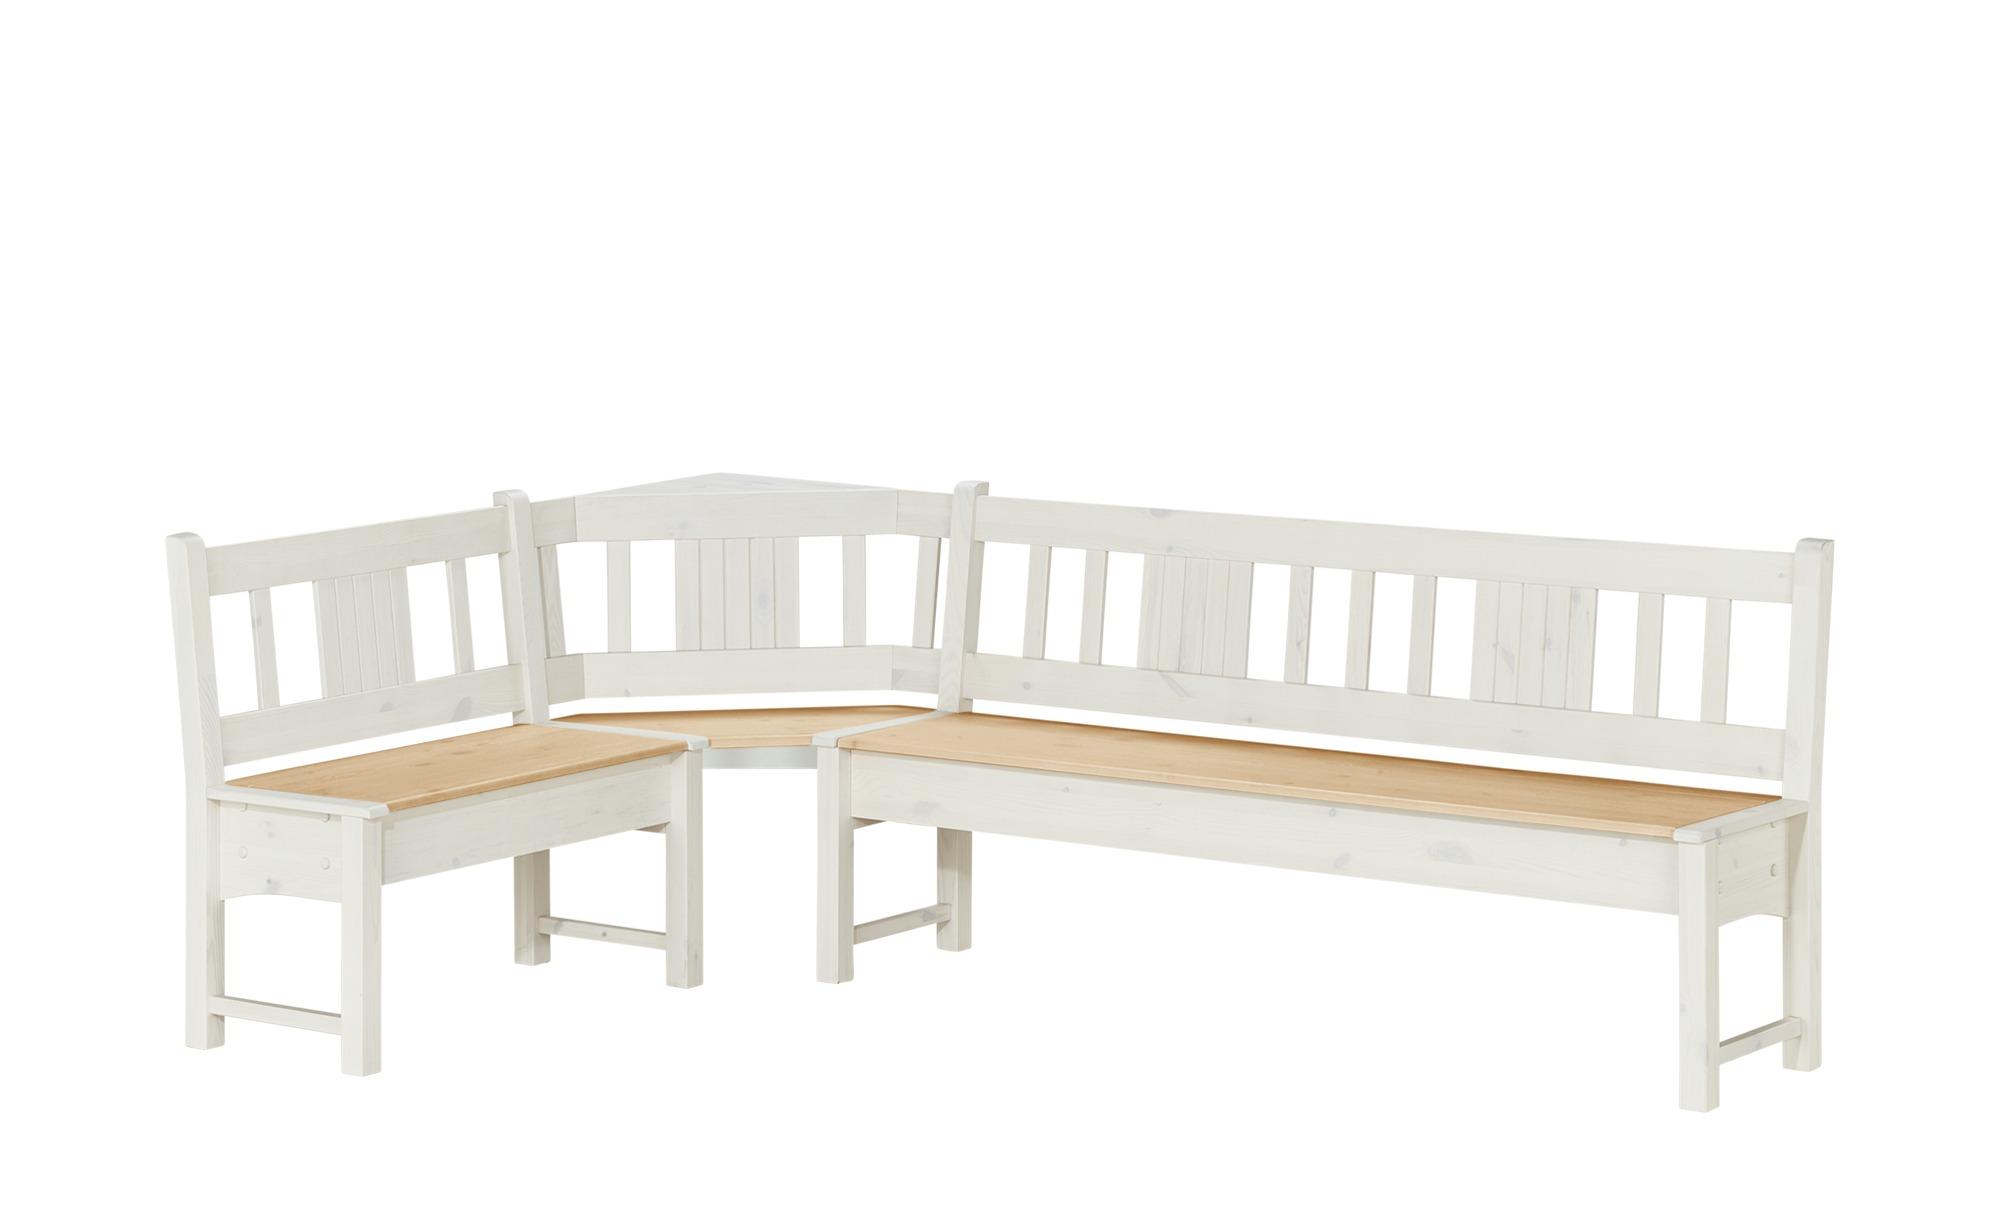 Eckbank  Bornholm ¦ holzfarben ¦ Maße (cm): B: 151 H: 87,5 T: 88 Bänke > Holzbänke - Höffner | Küche und Esszimmer > Sitzbänke | Möbel Höffner DE